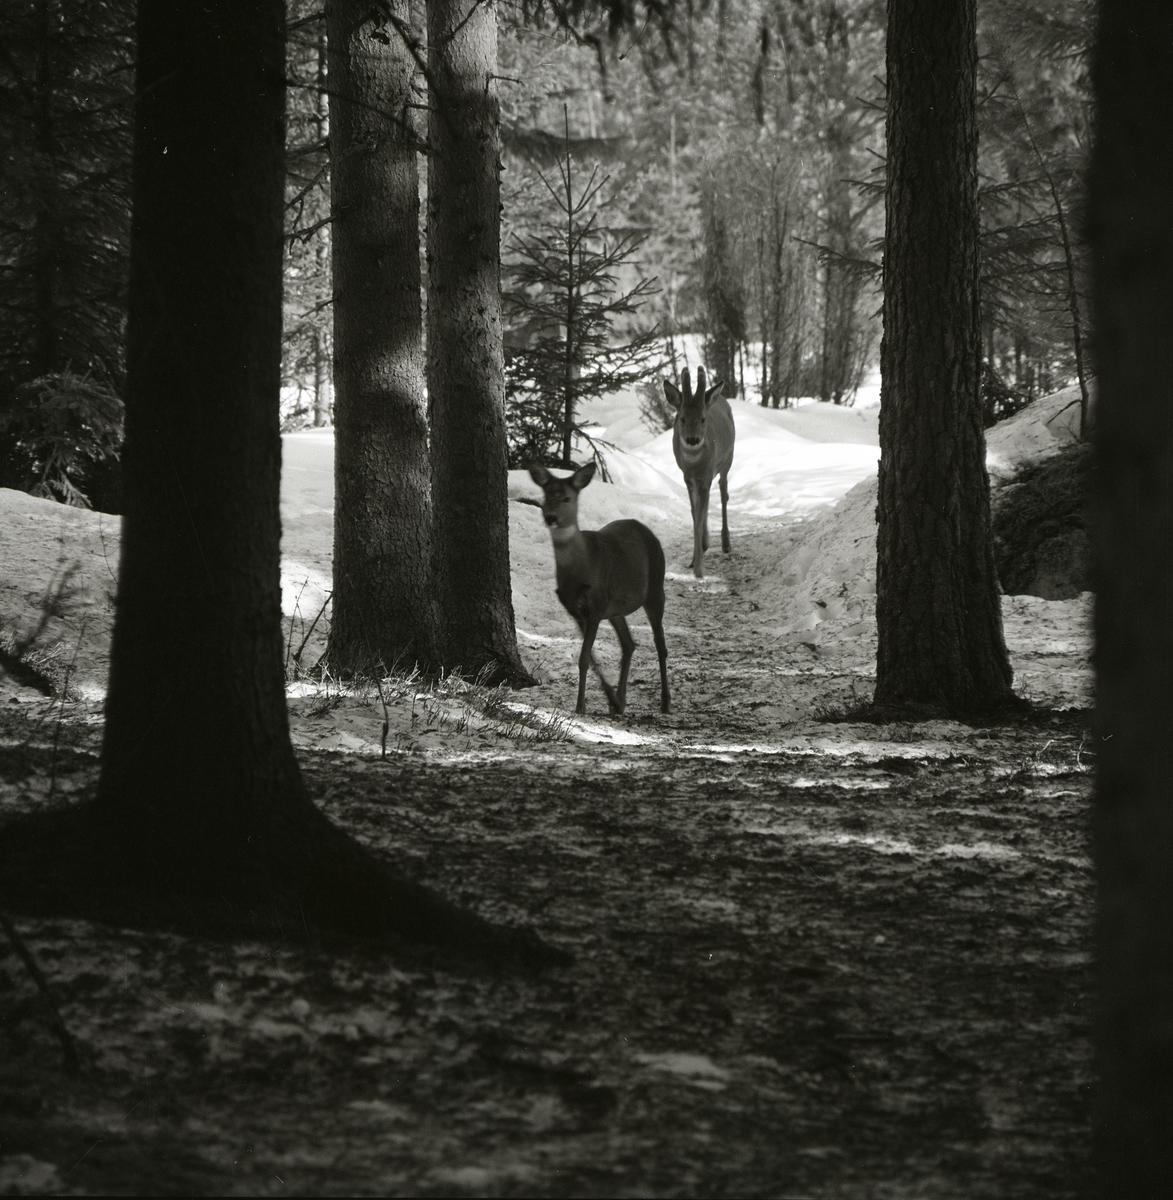 Två rådjur går i skogen vid Bullerberget, 28 mars 1982.